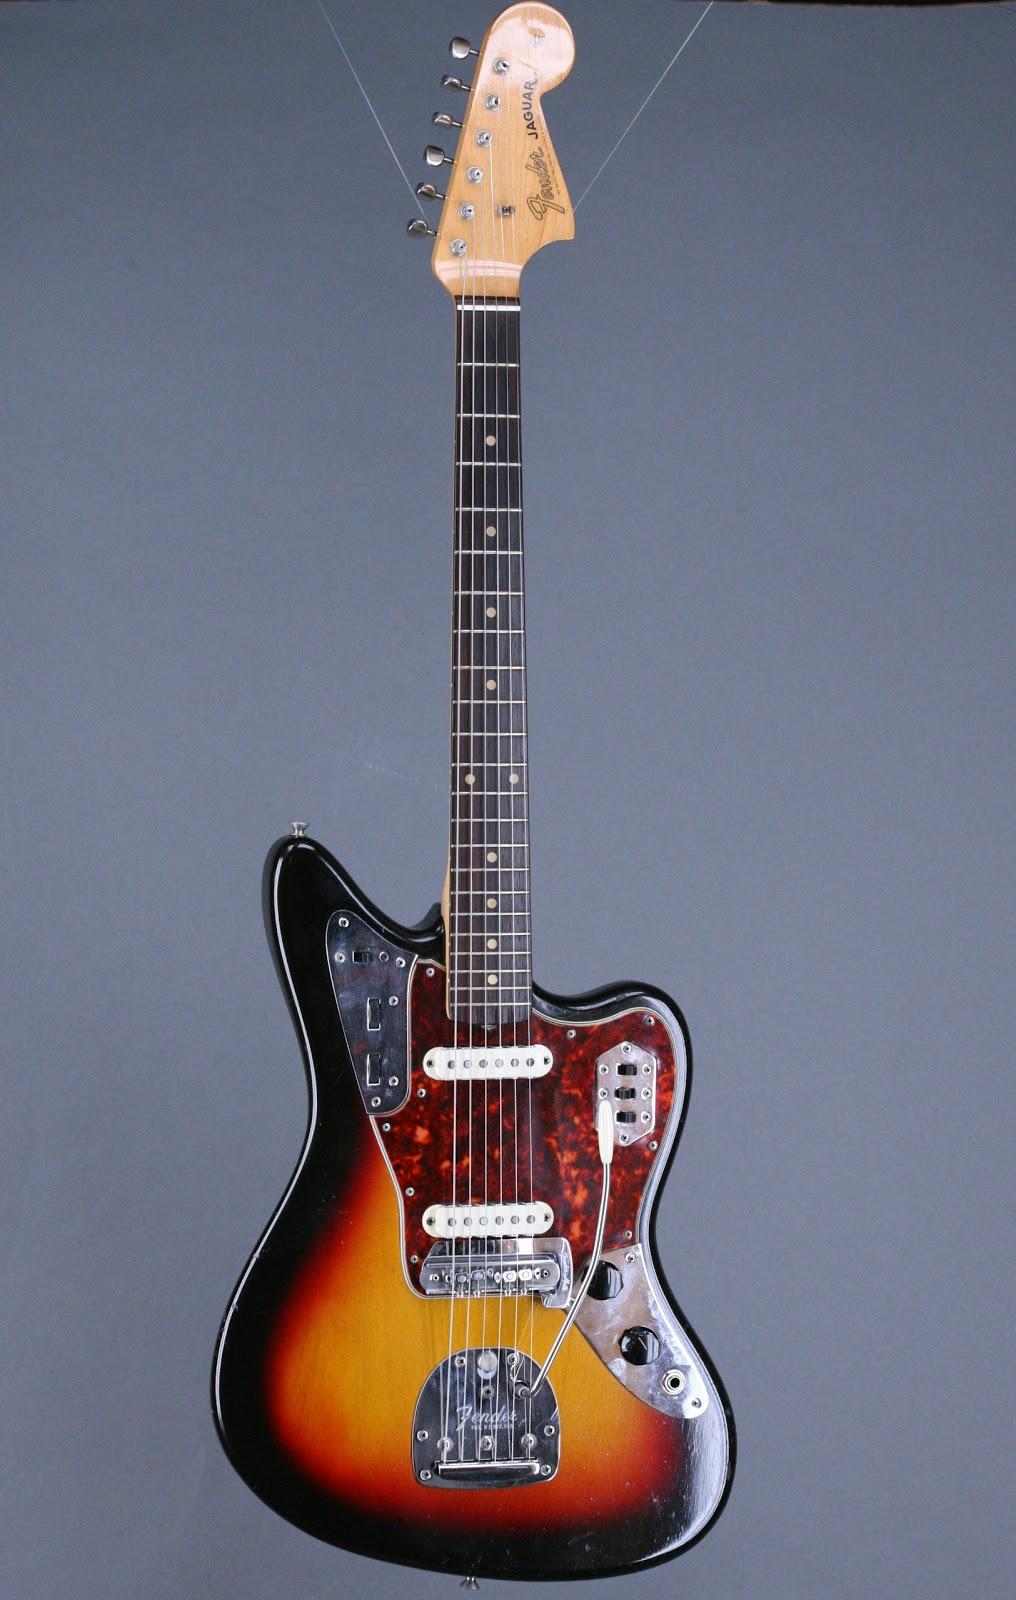 guitars a go go 1962 fender jaguar. Black Bedroom Furniture Sets. Home Design Ideas